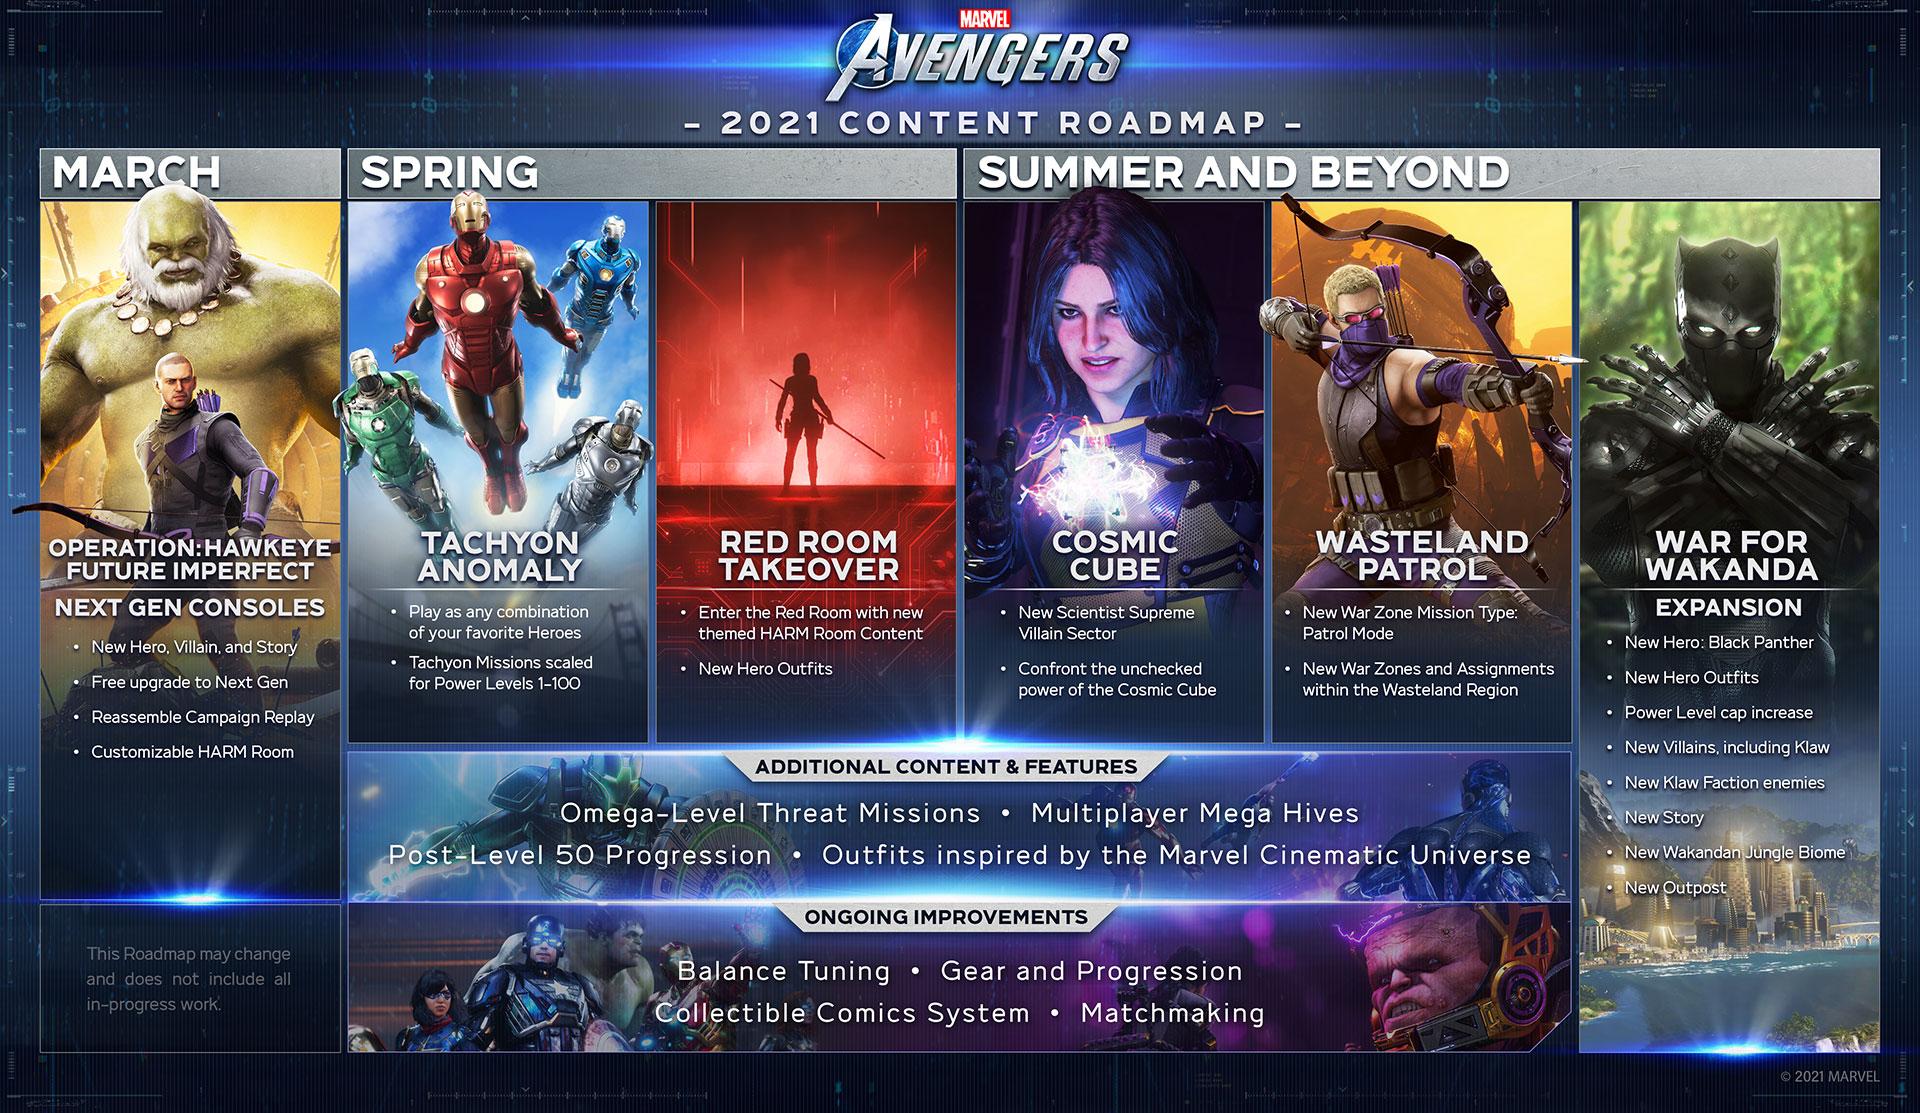 蜘蛛侠在今年夏季之前不会加入《漫威复仇者联盟》